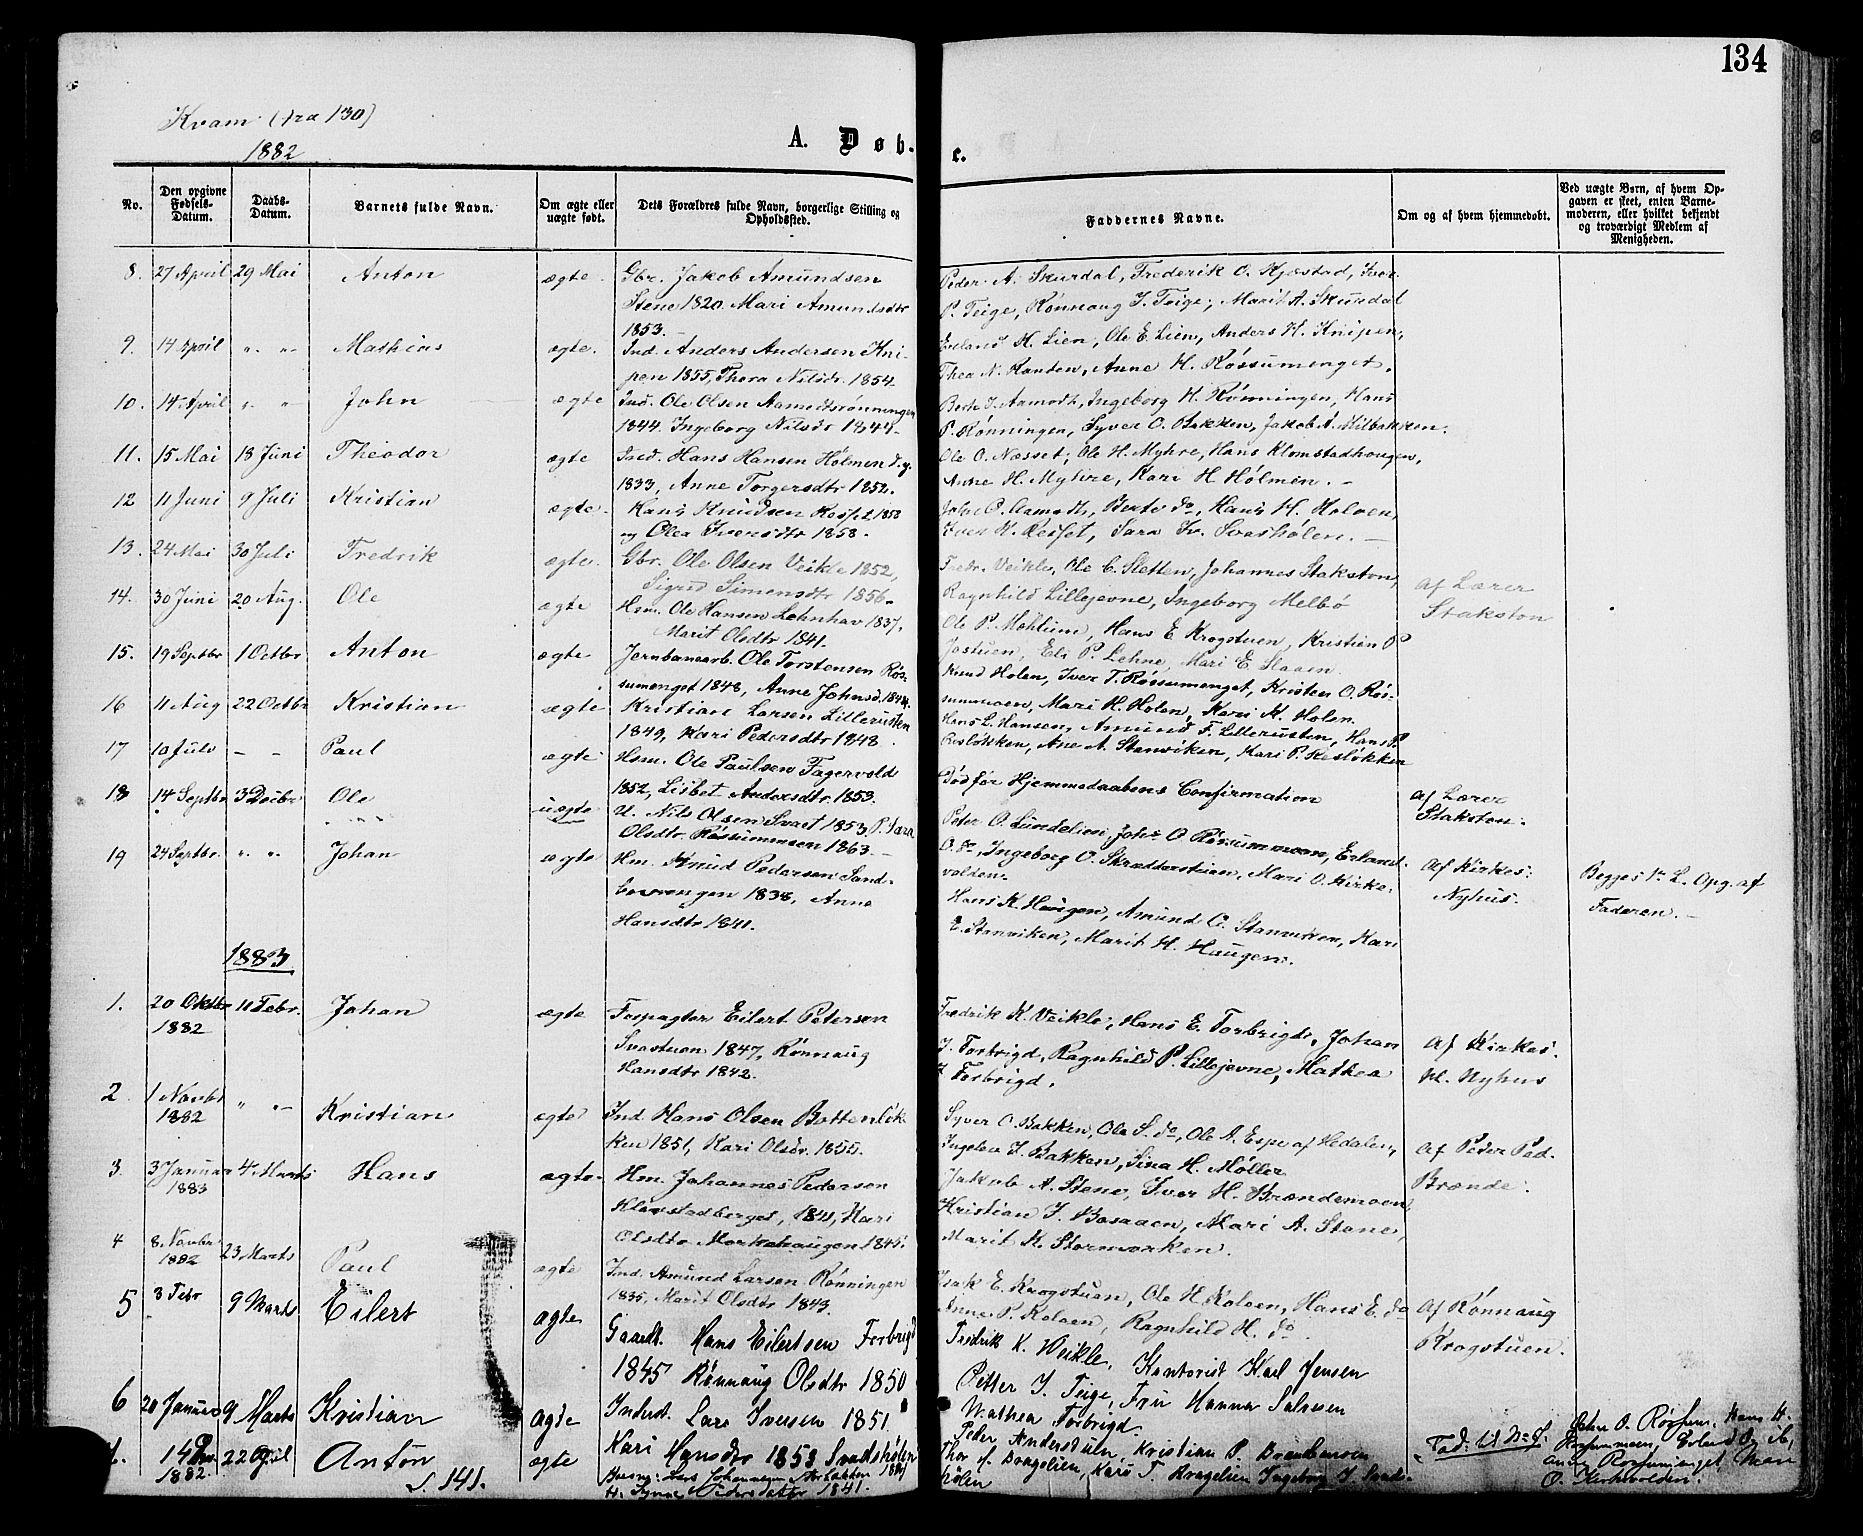 Oppland fylke, Nord-Fron, Ministerialbok nr. 2 (1865-1883), Fødte og døpte 1883, side 134